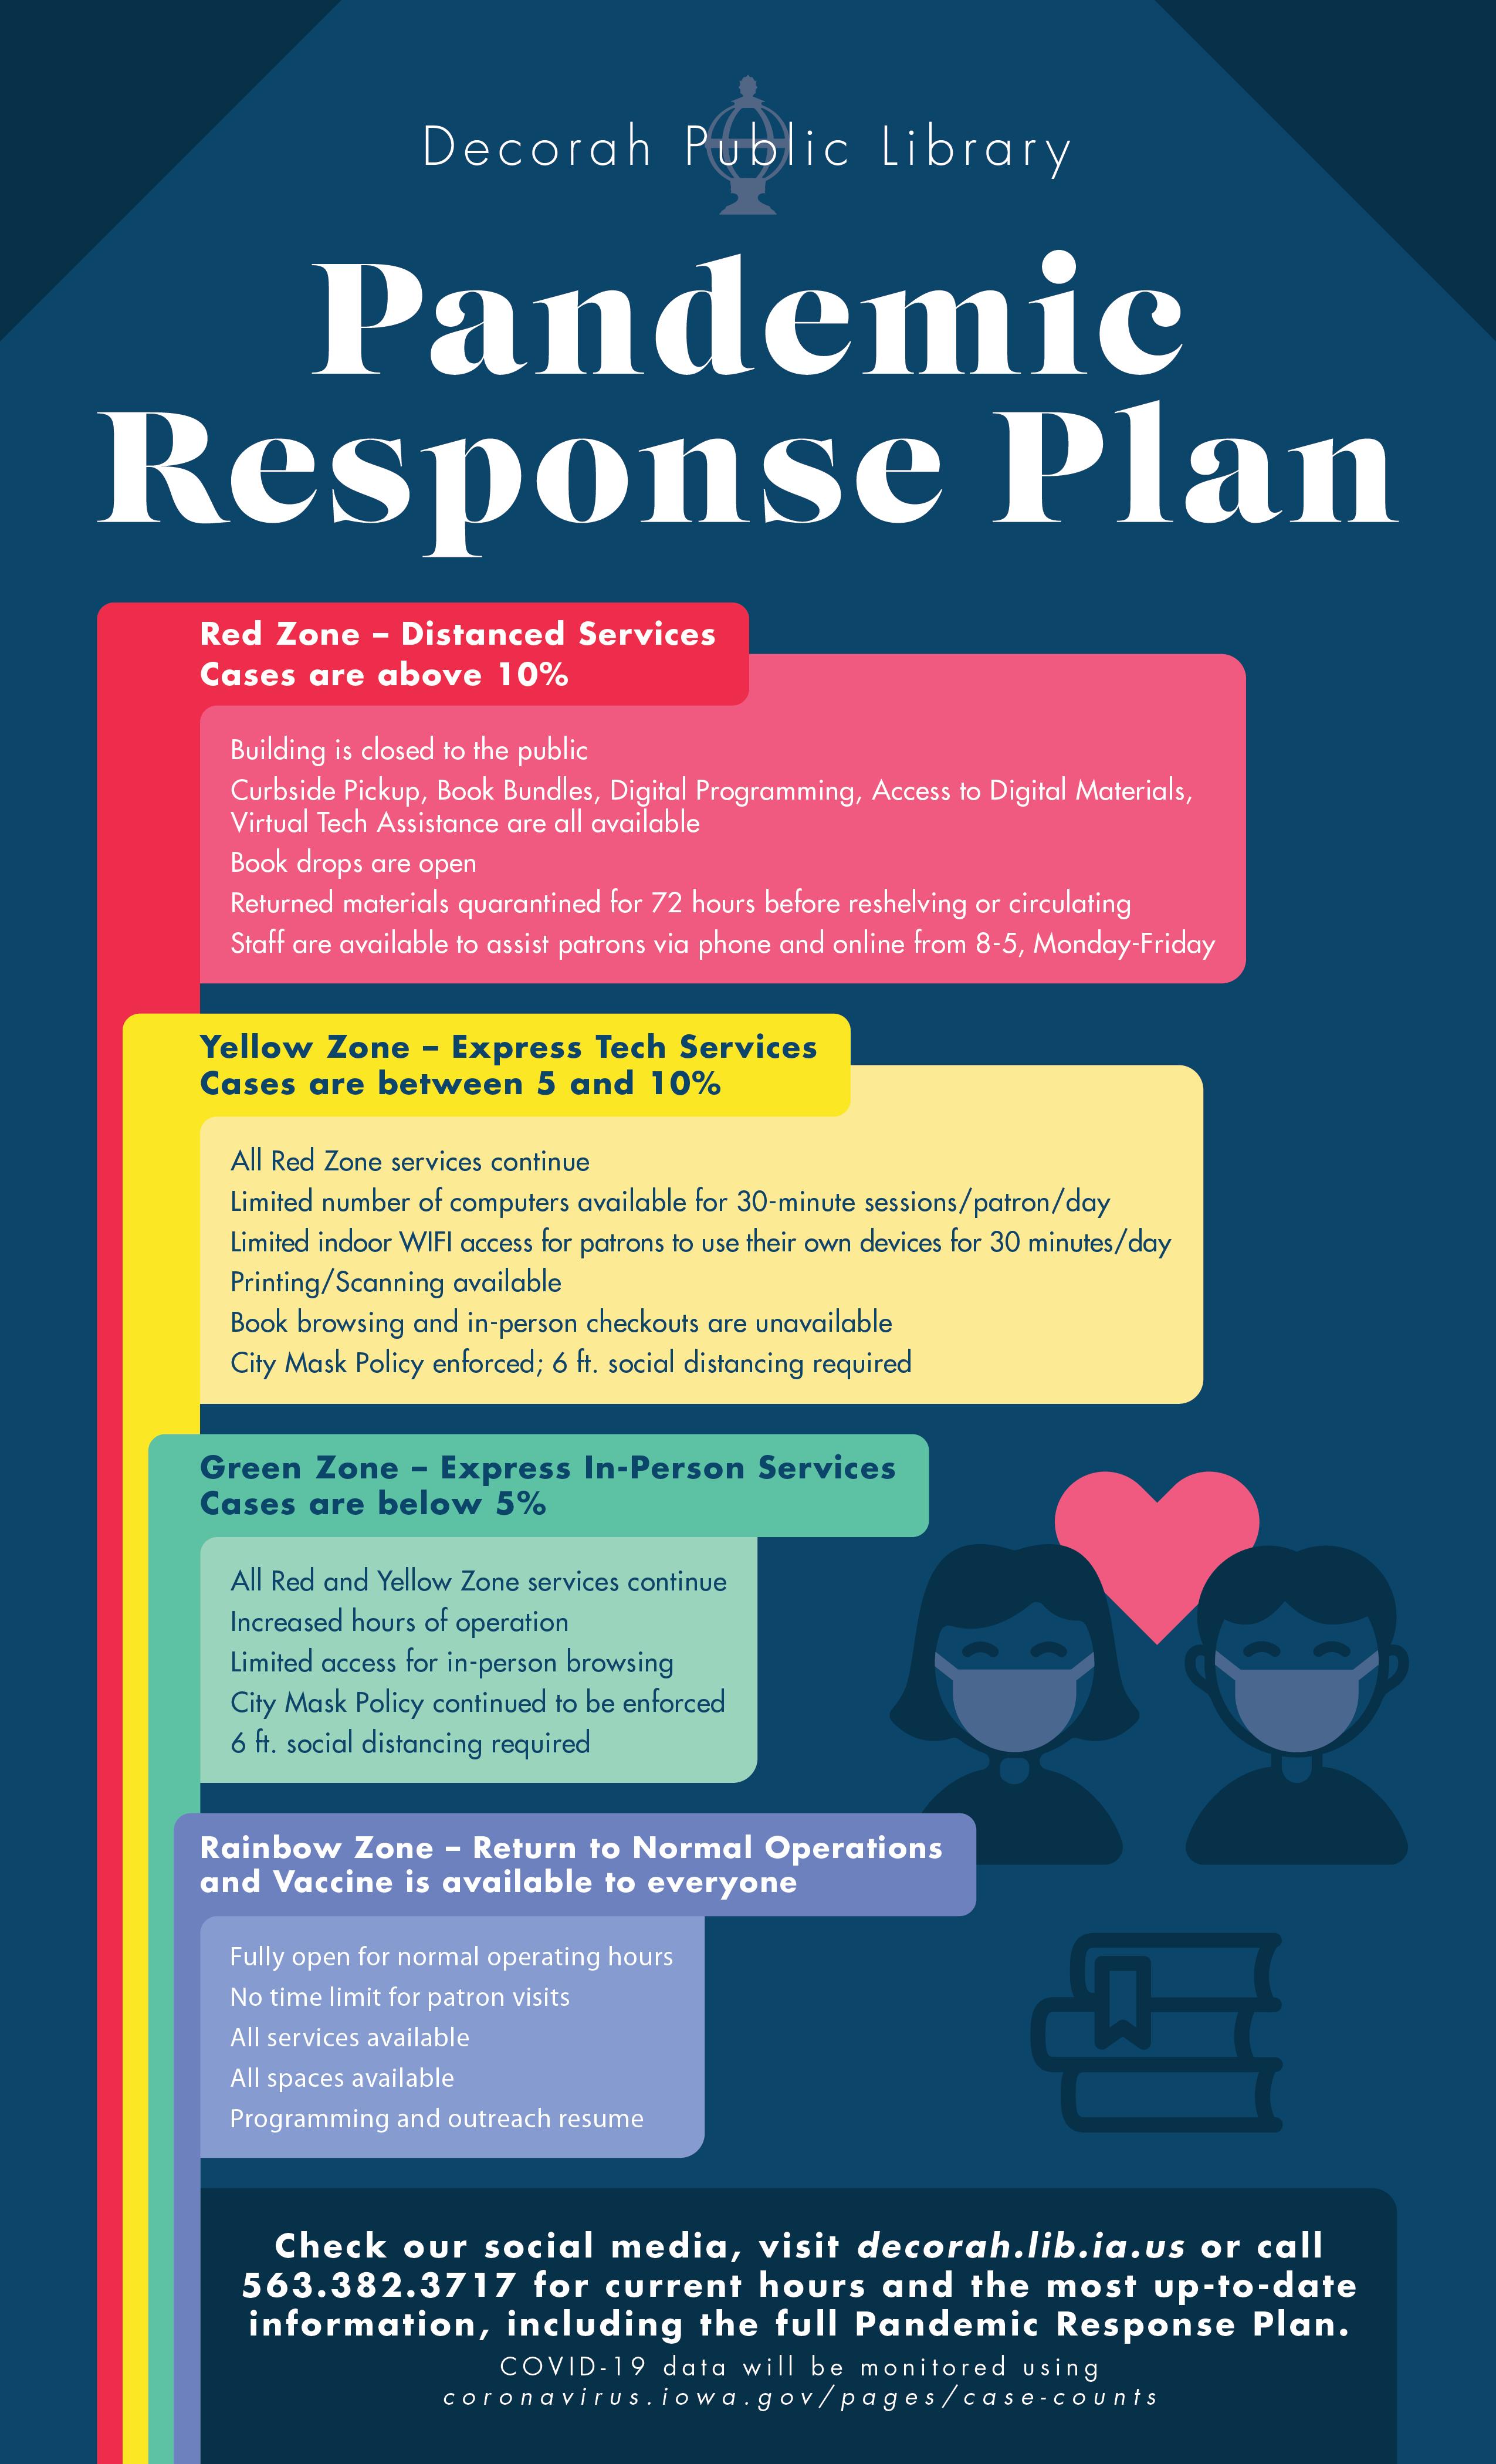 DPL Pandemic Response Plan Infographic